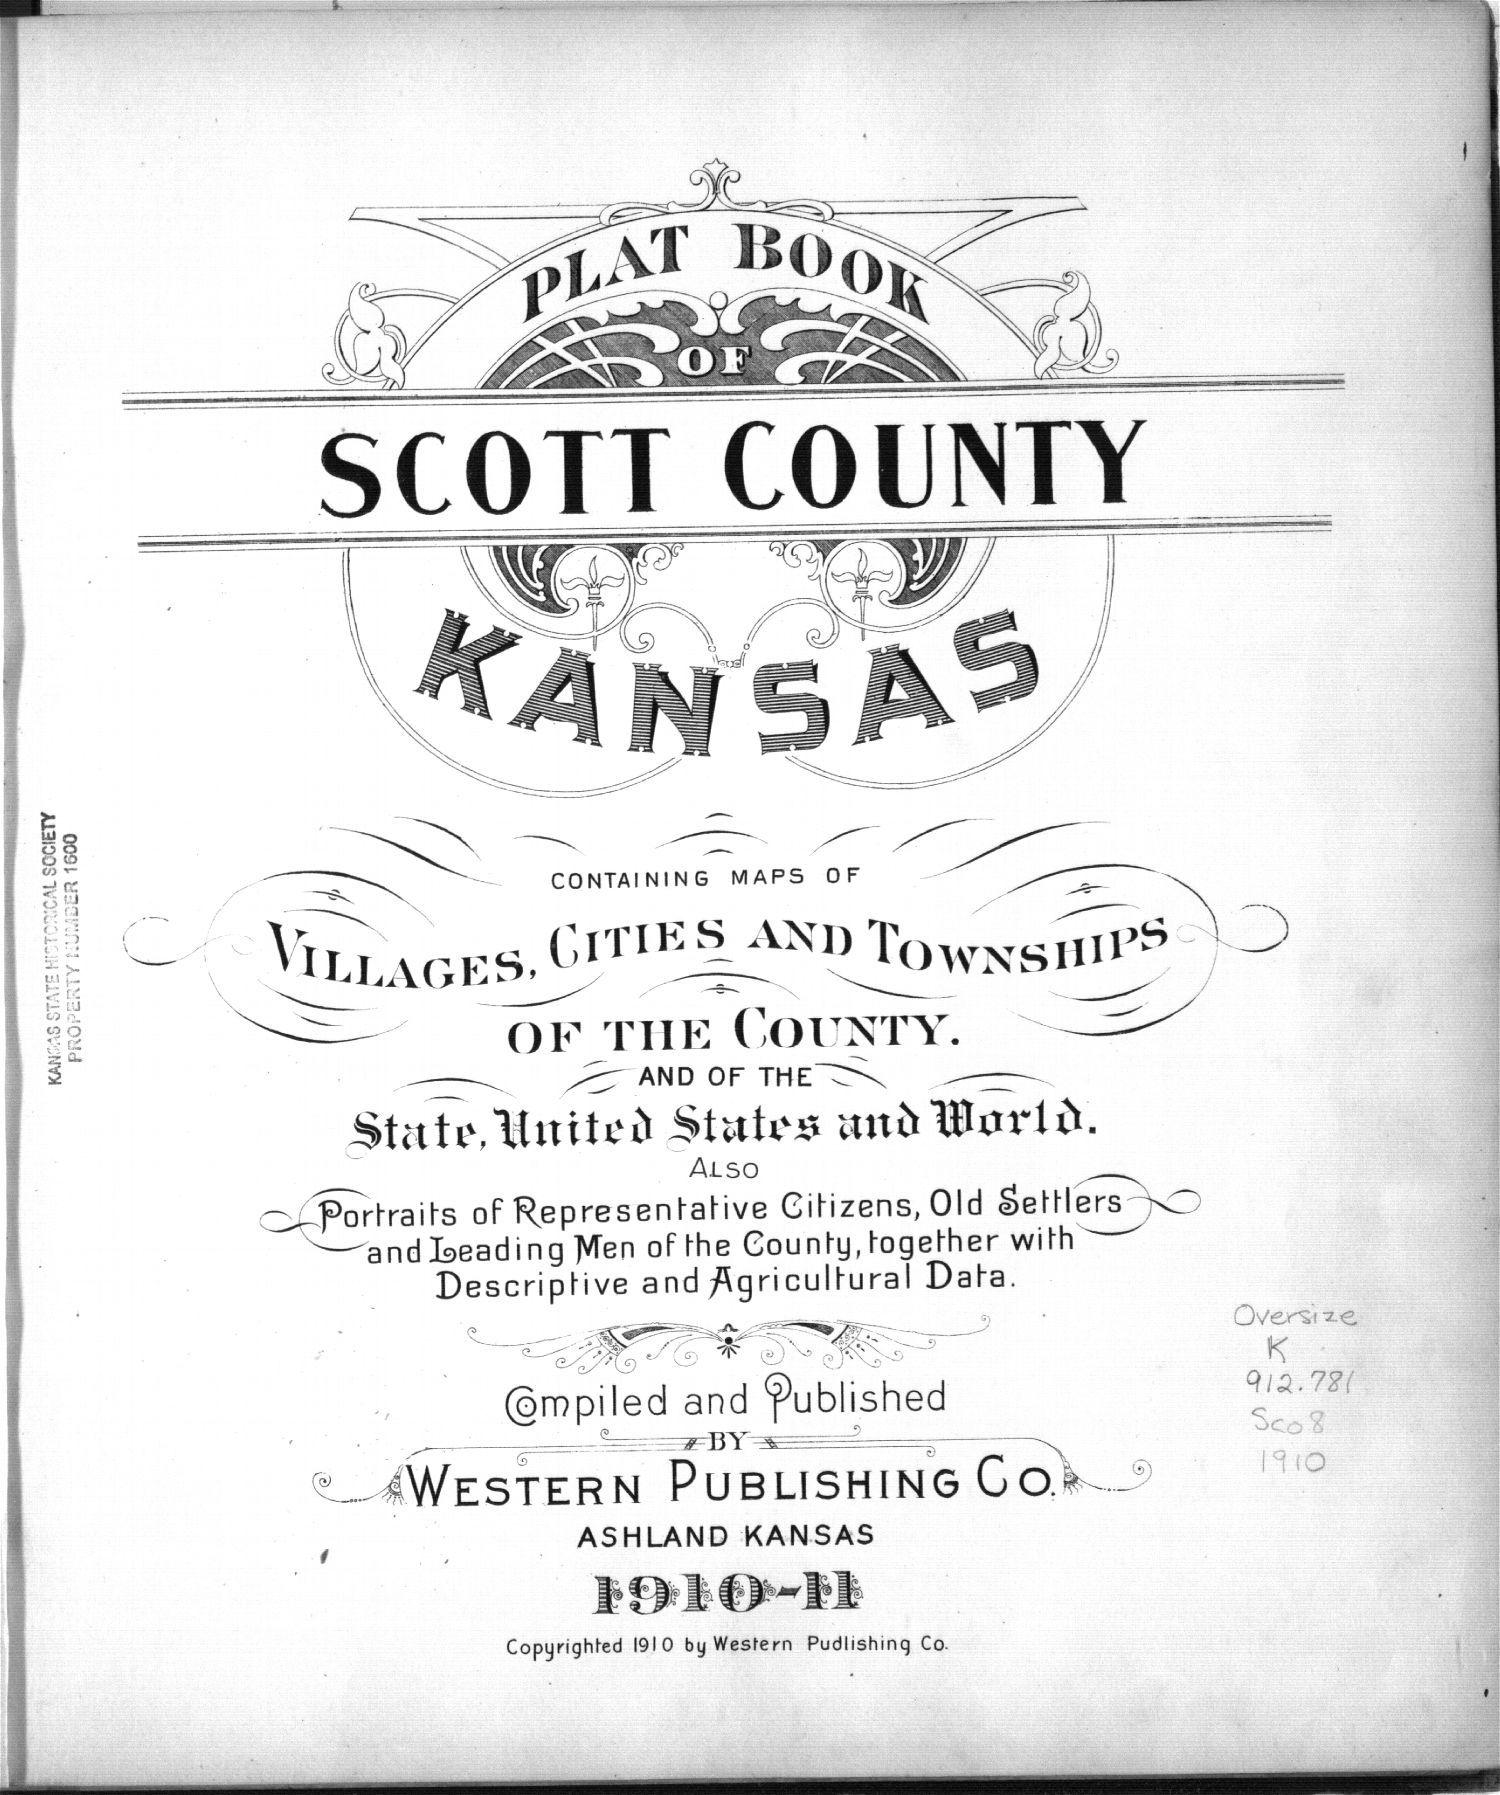 Plat book of Scott County, Kansas - 1